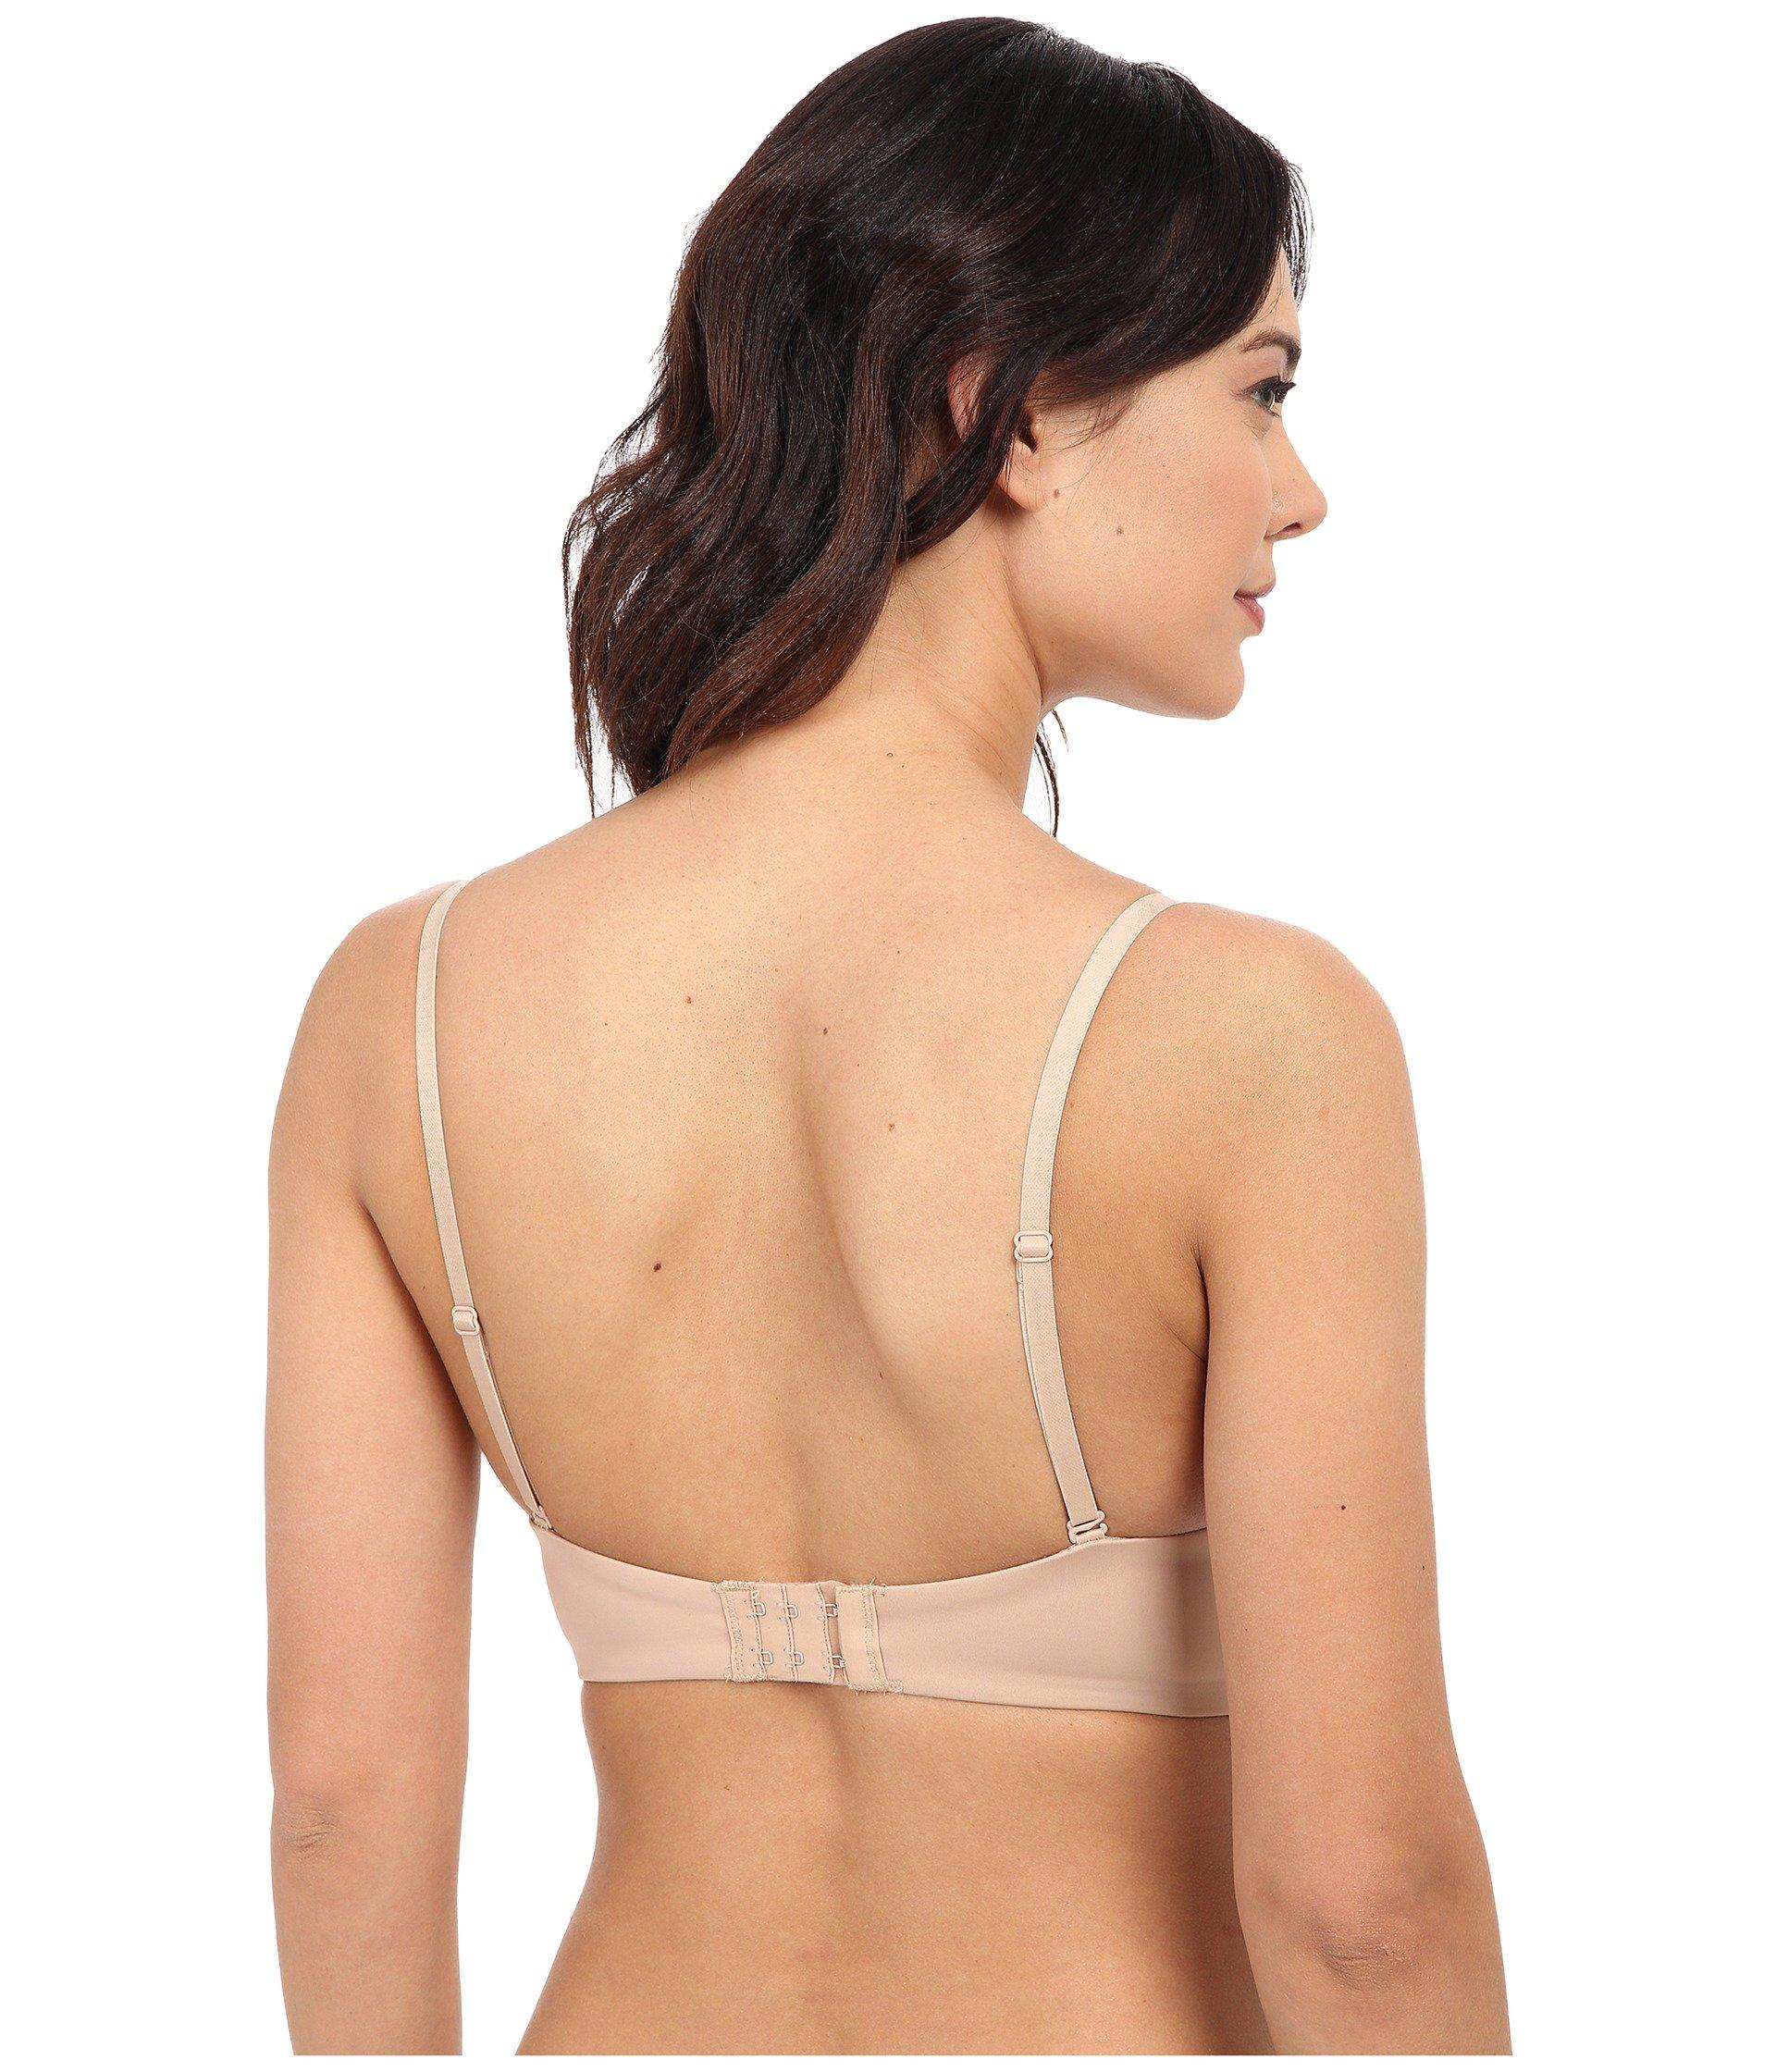 Plunge Forms Nude U Fashion Bra BwF8qq4